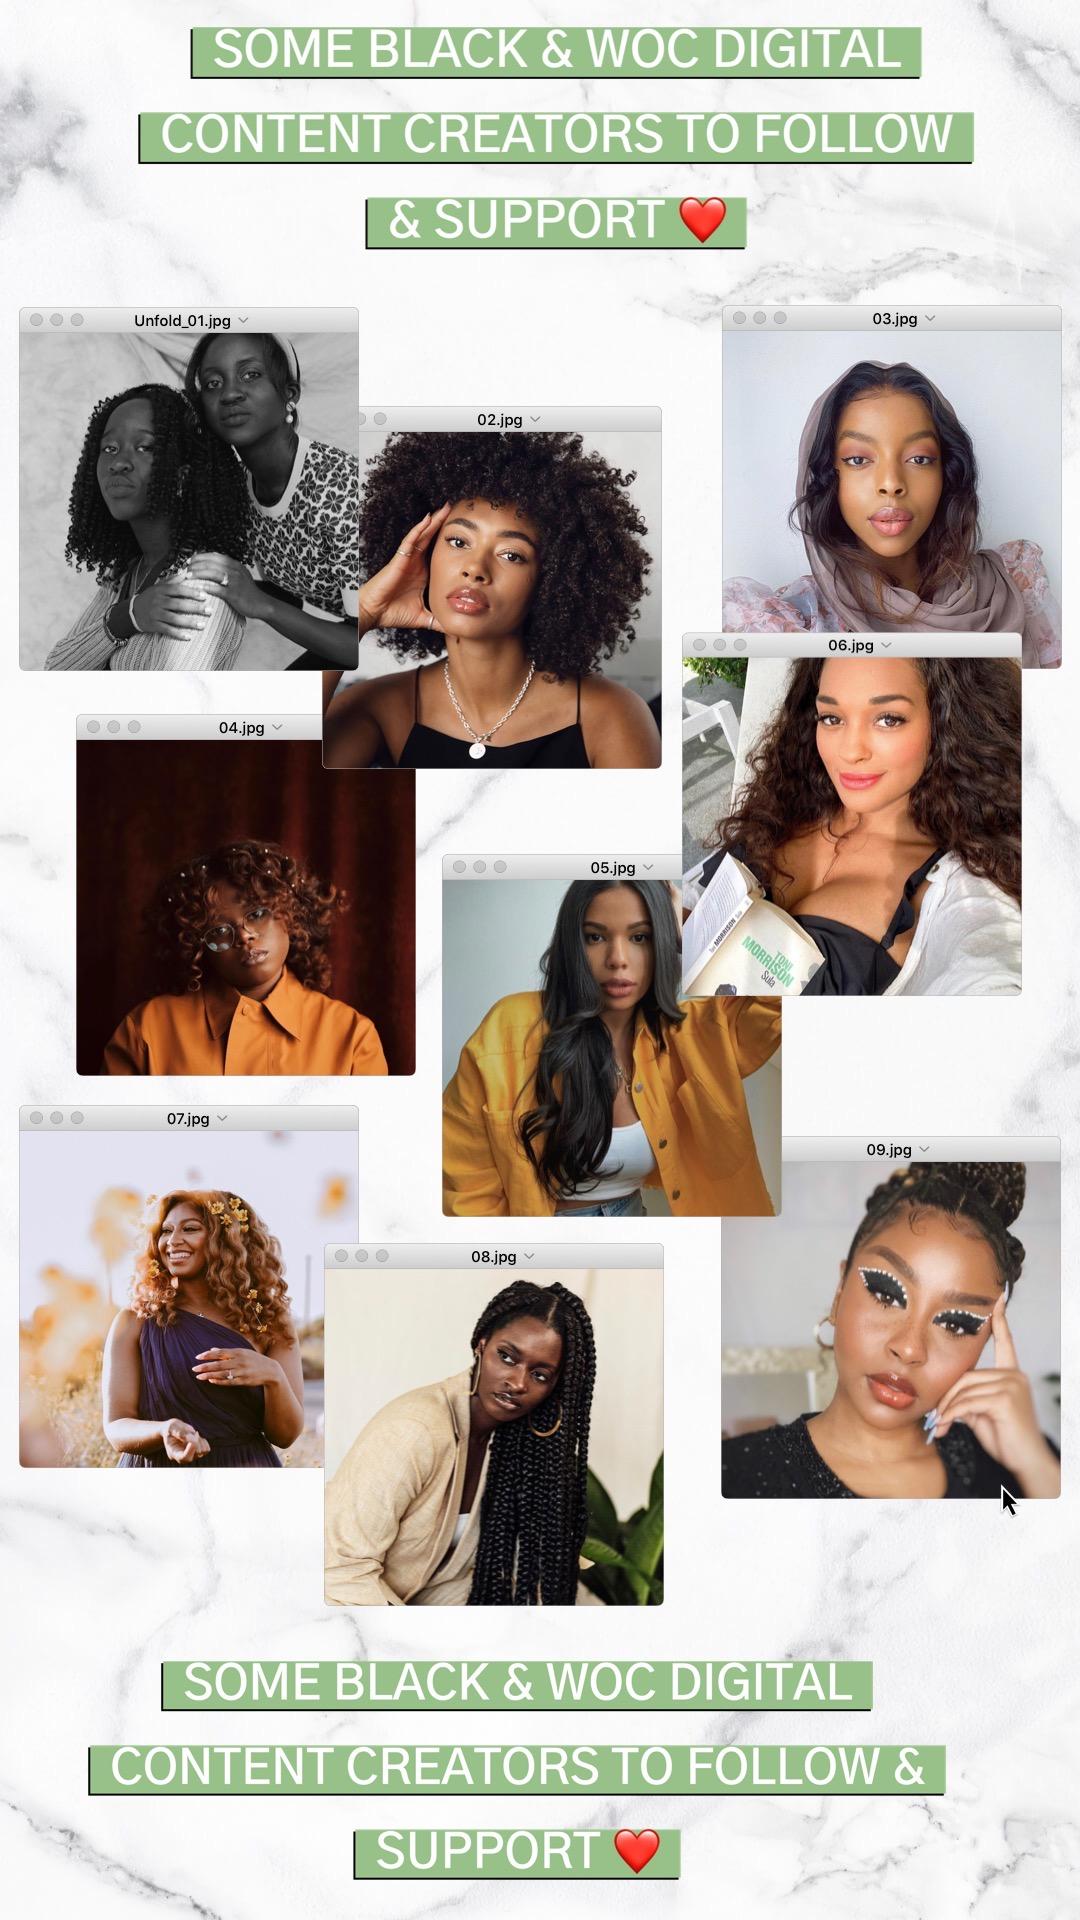 90 BLACK & WOC DIGITAL CONTENT CREATORS TO FOLLOW & SUPPORT ! #BlackLivesMatter